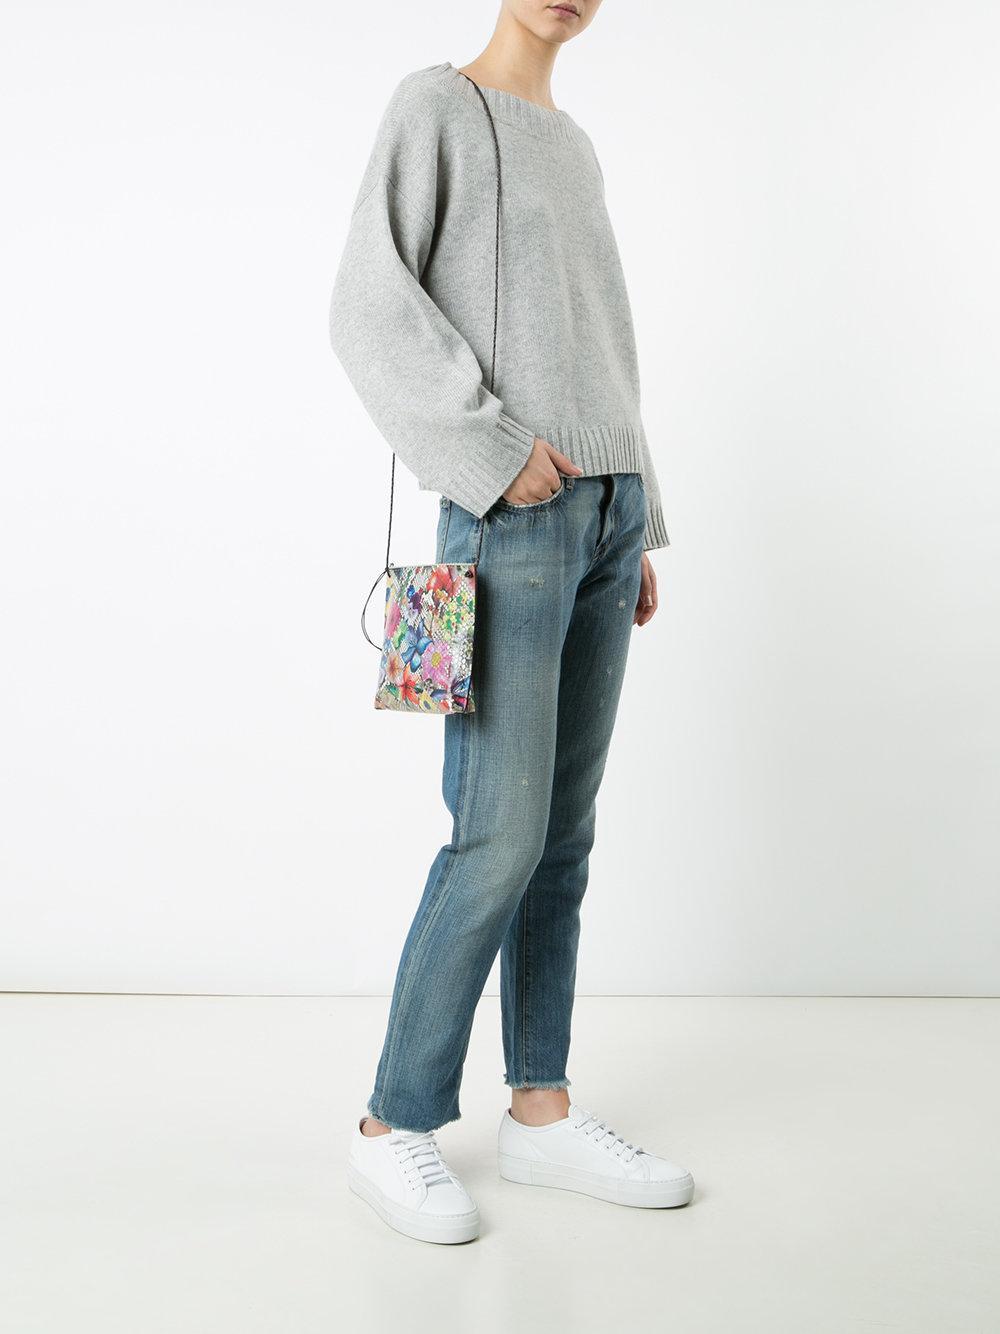 B May Floral Print Cross Body Bag